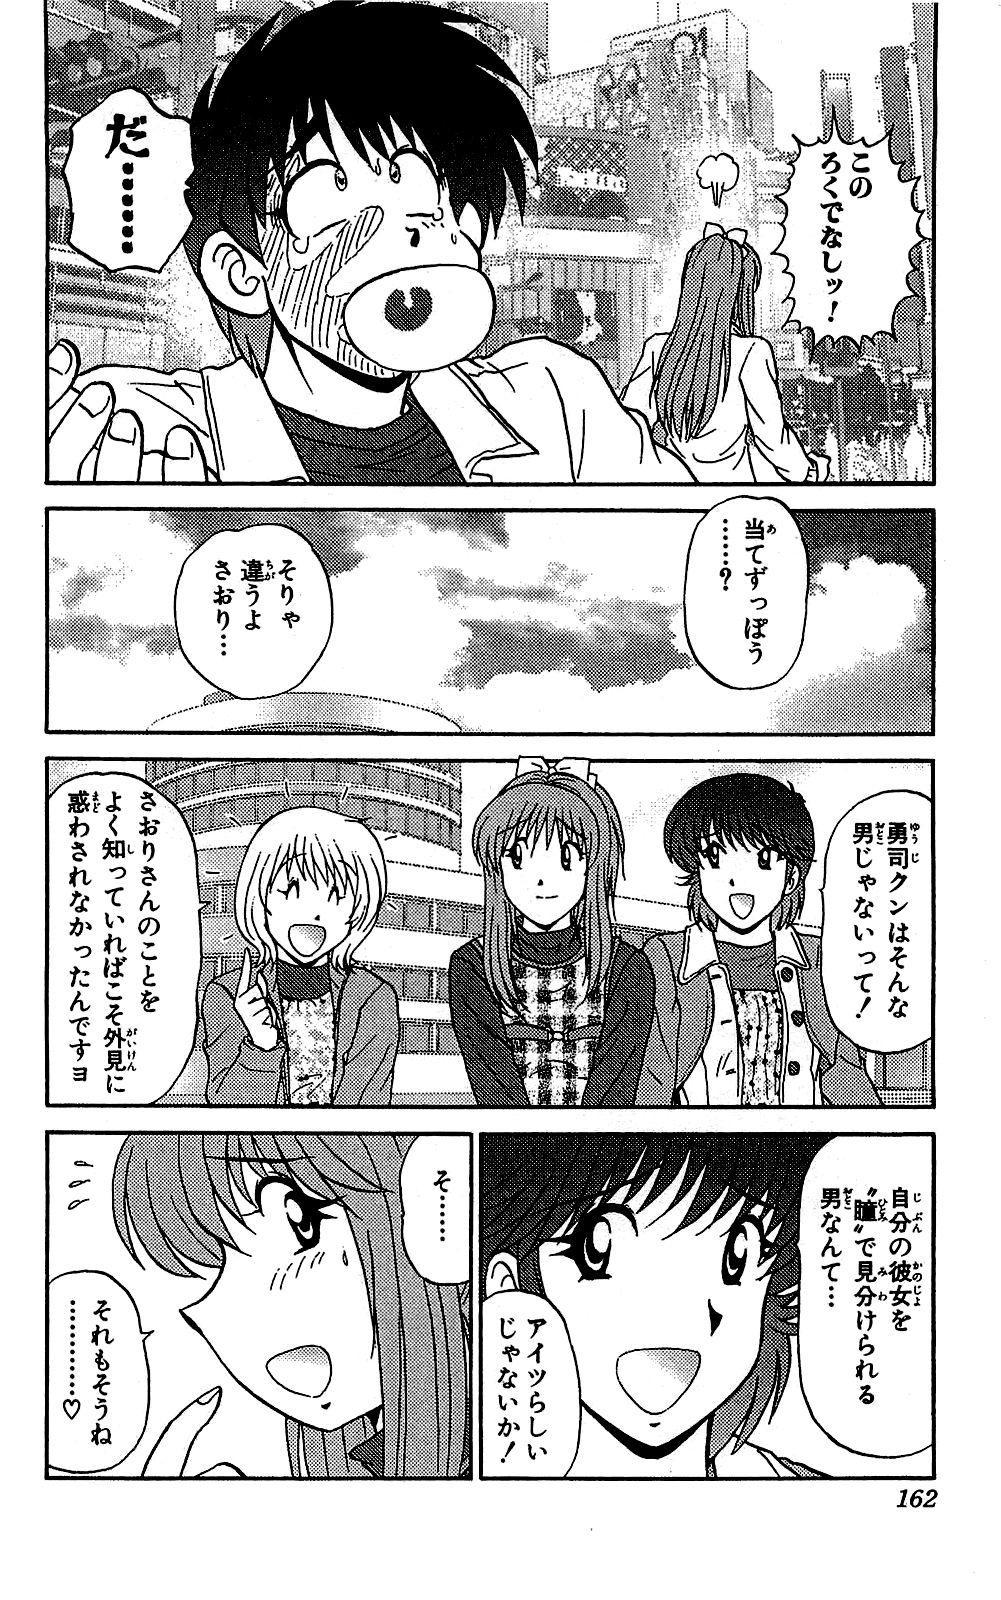 Miracle Make Yuuji 162